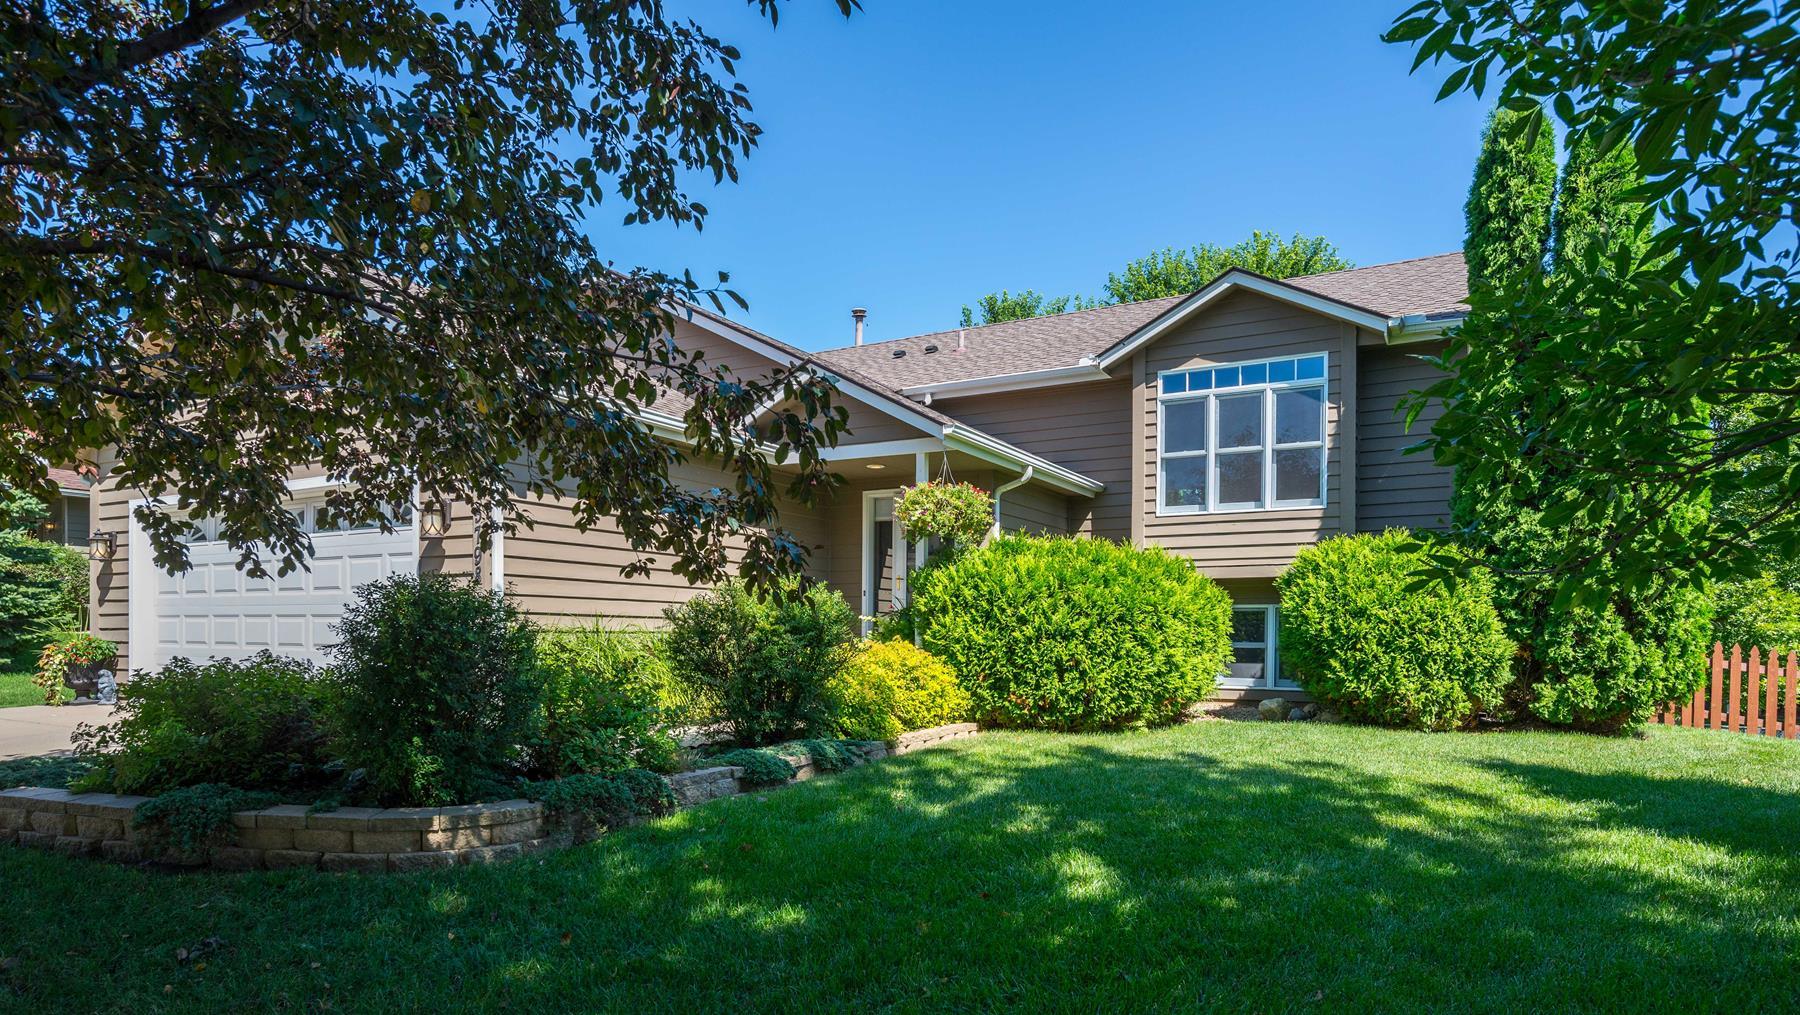 Maison unifamiliale pour l Vente à 5798 South Park Drive Savage, Minnesota 55378 États-Unis